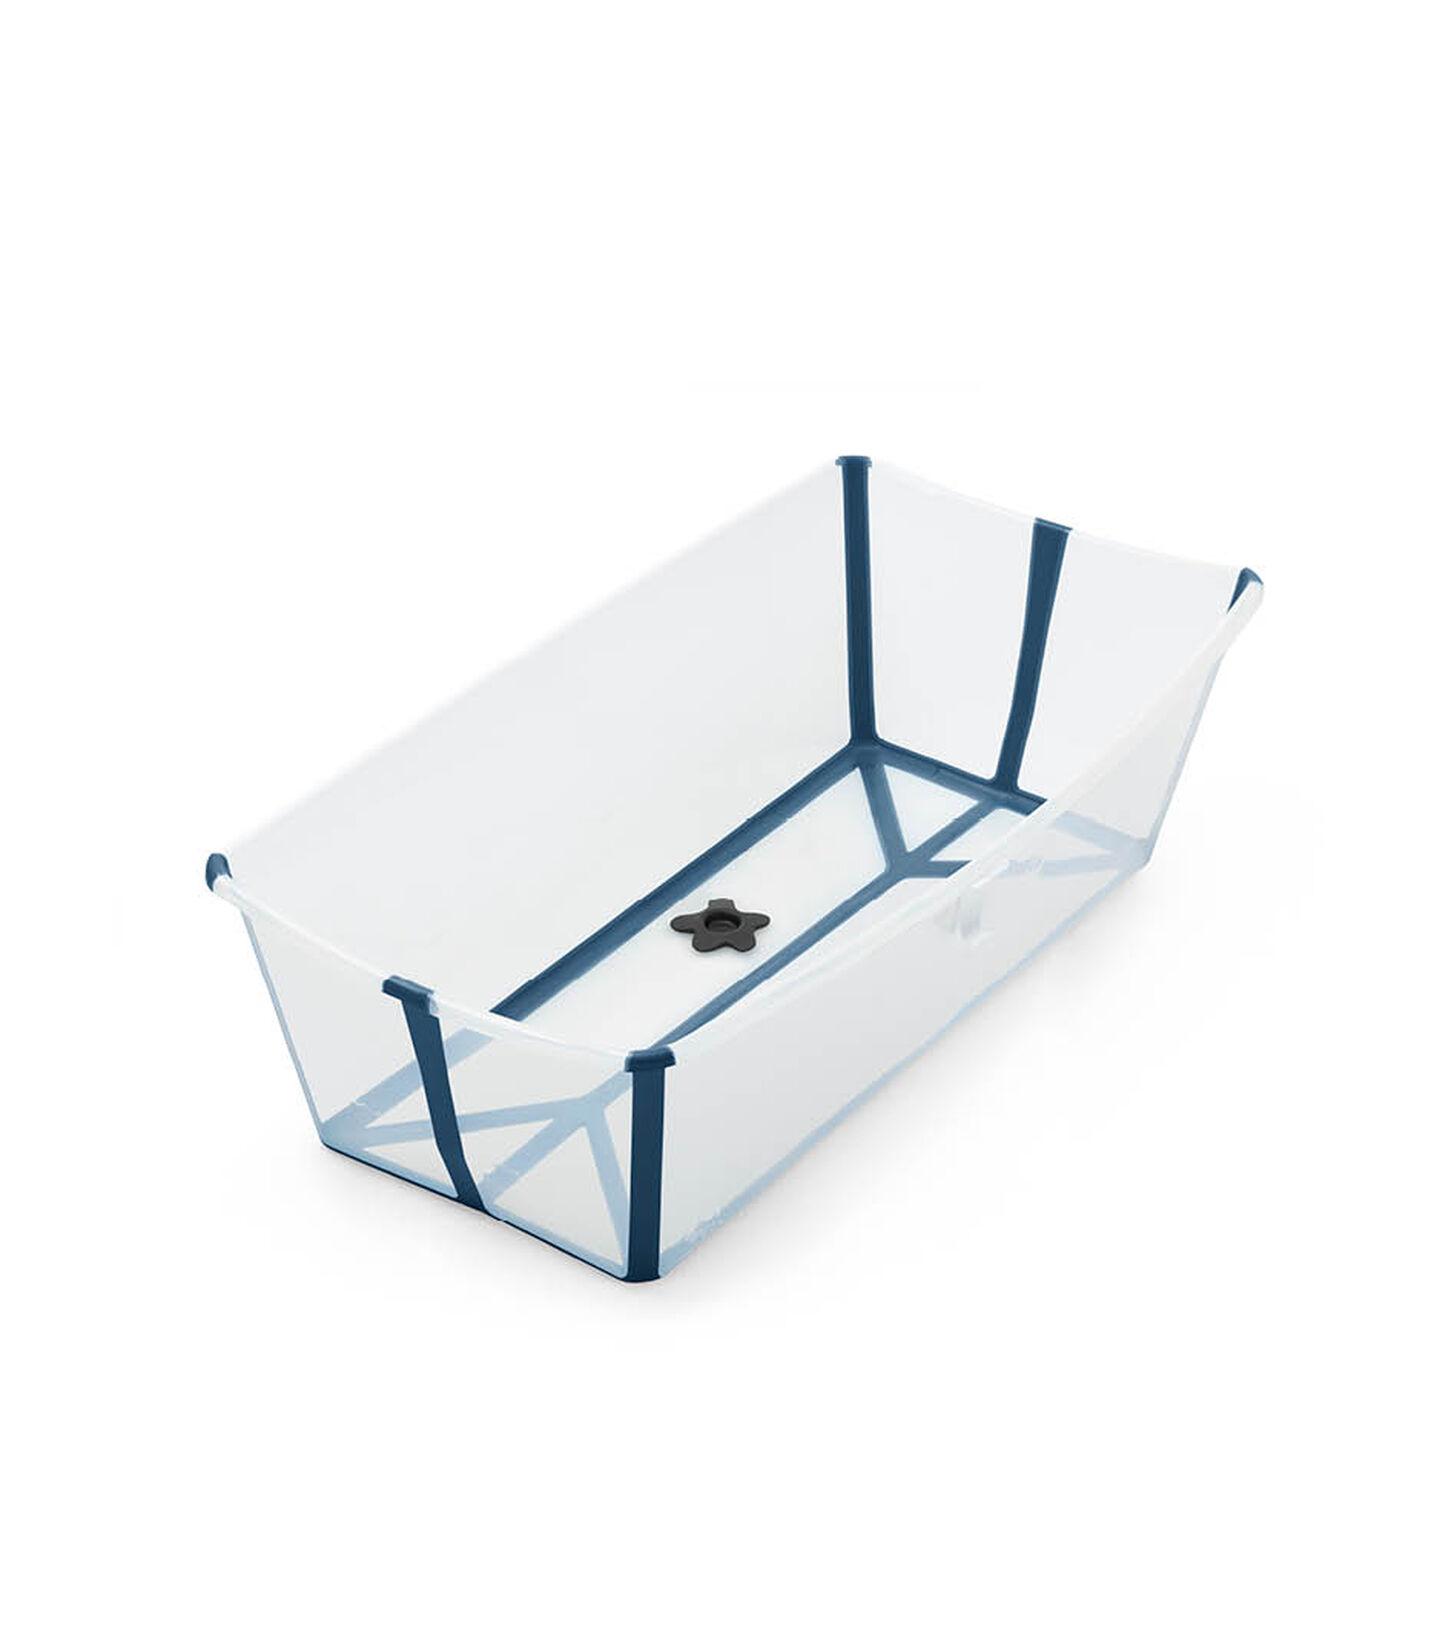 Stokke® Flexi Bath ® Large White Aqua, Transparente Azul, mainview view 2